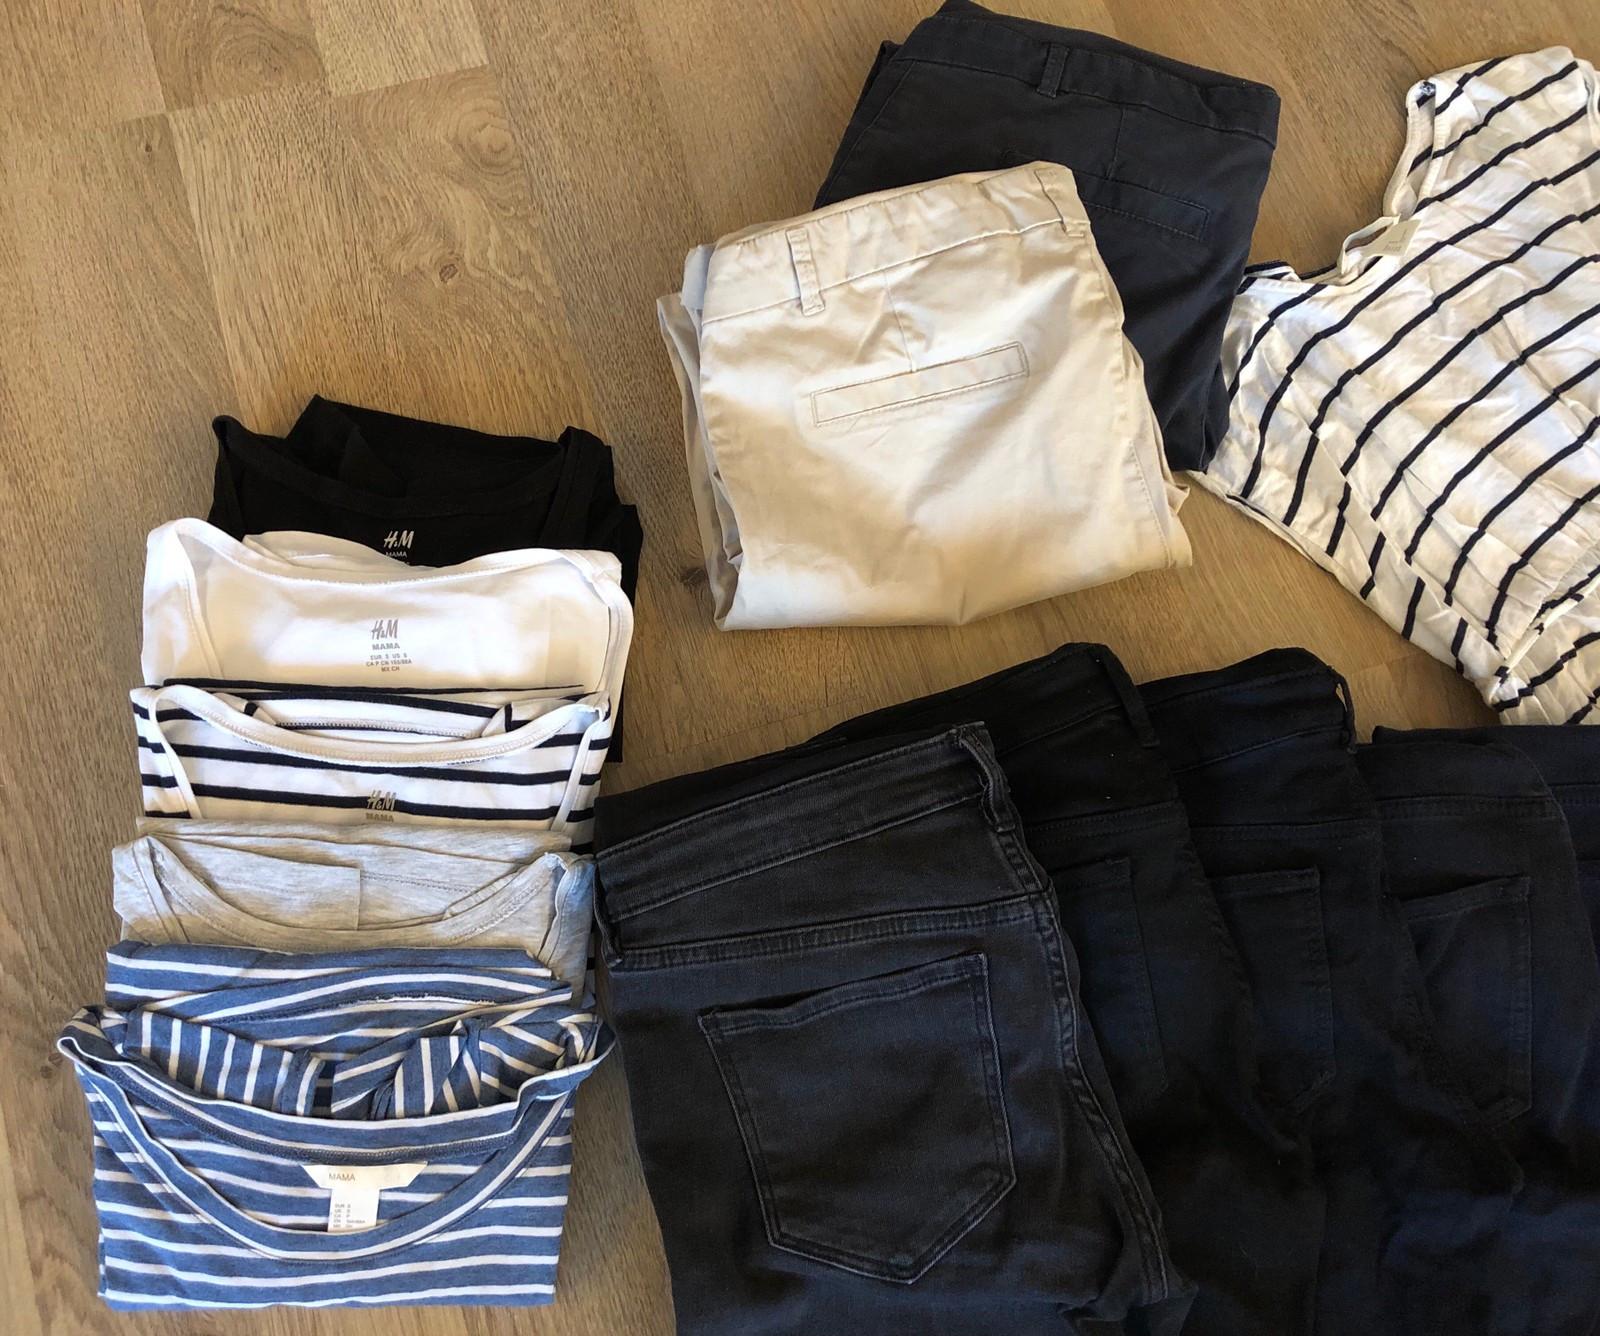 ab9e0a551 Gravidklær fra H&M og Zalando - str 36/S | FINN.no